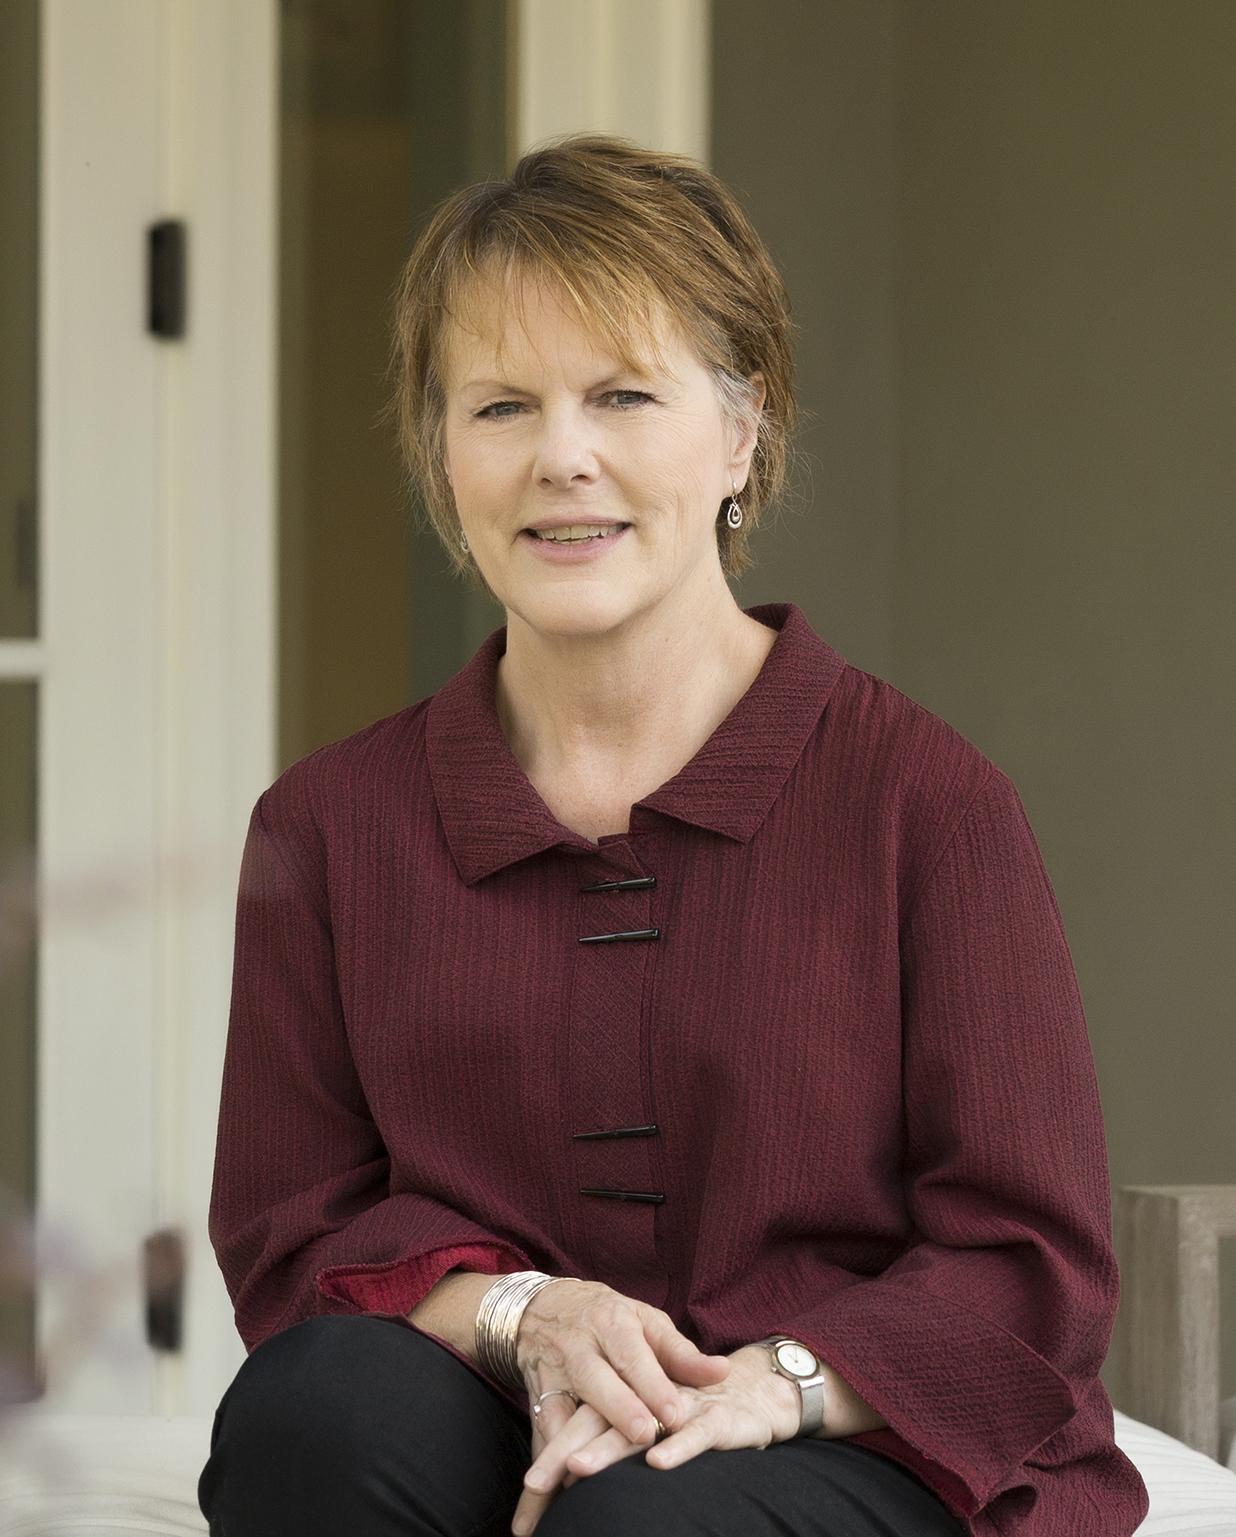 Cynthia Kaelberer